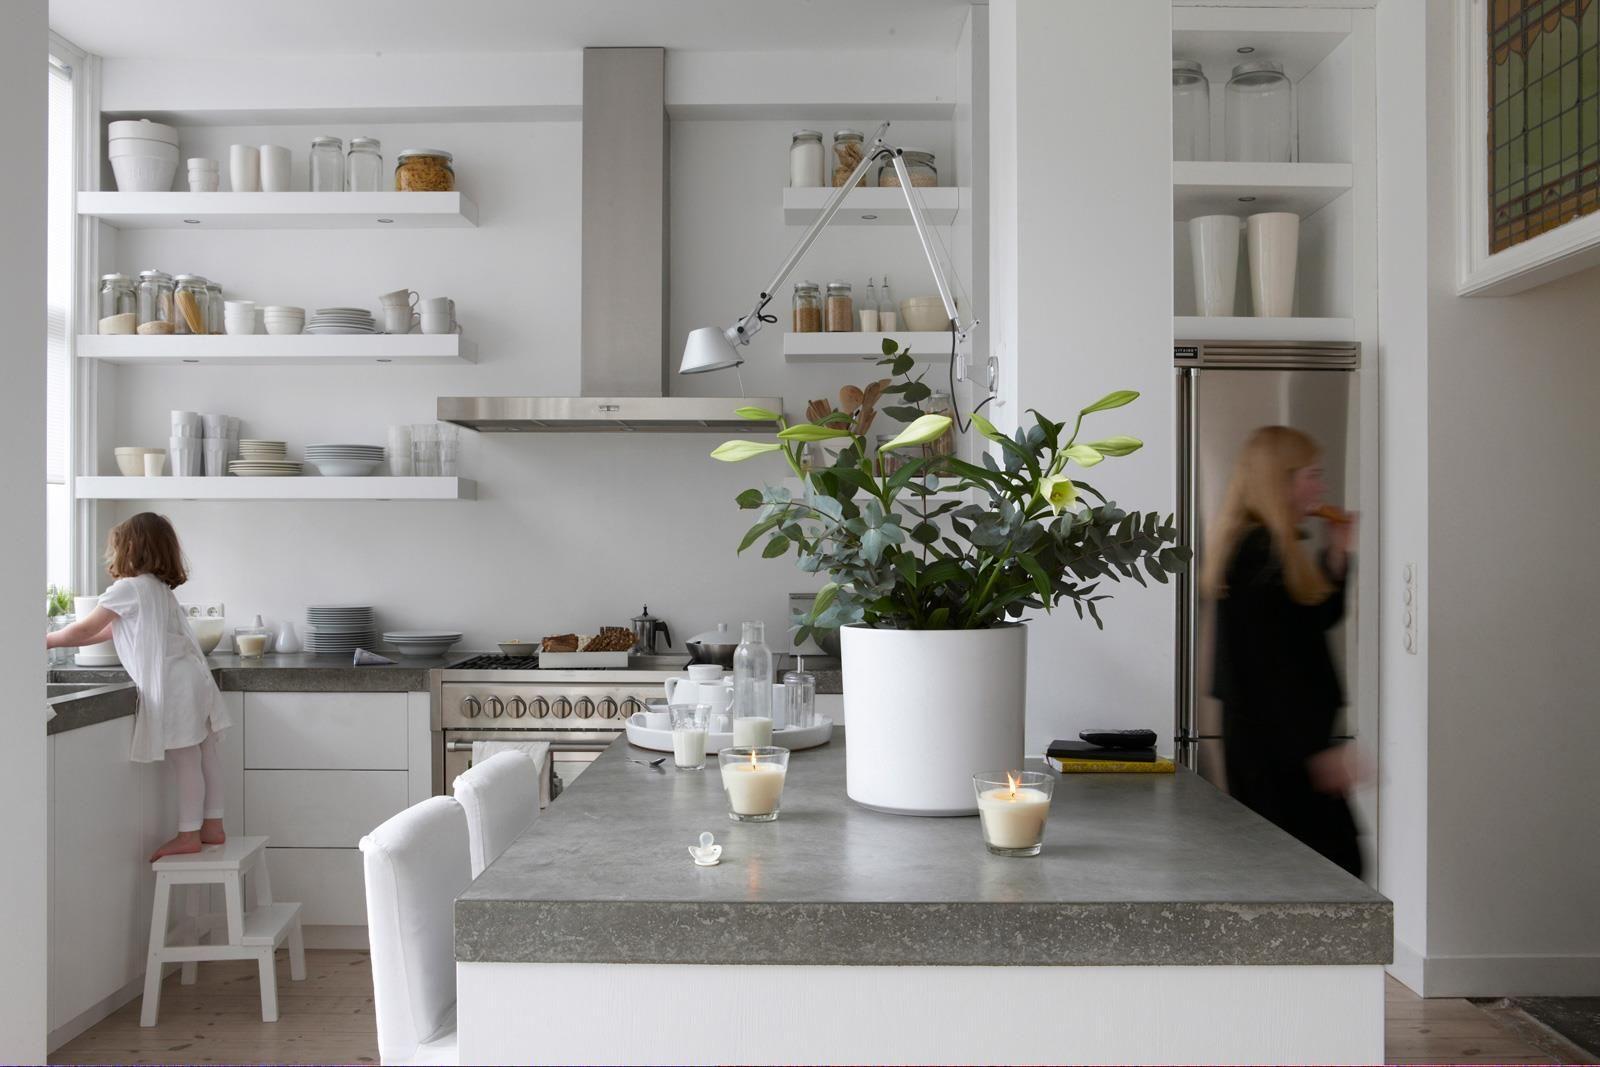 Keukeninspiratie maison belle interieuradvies keuken